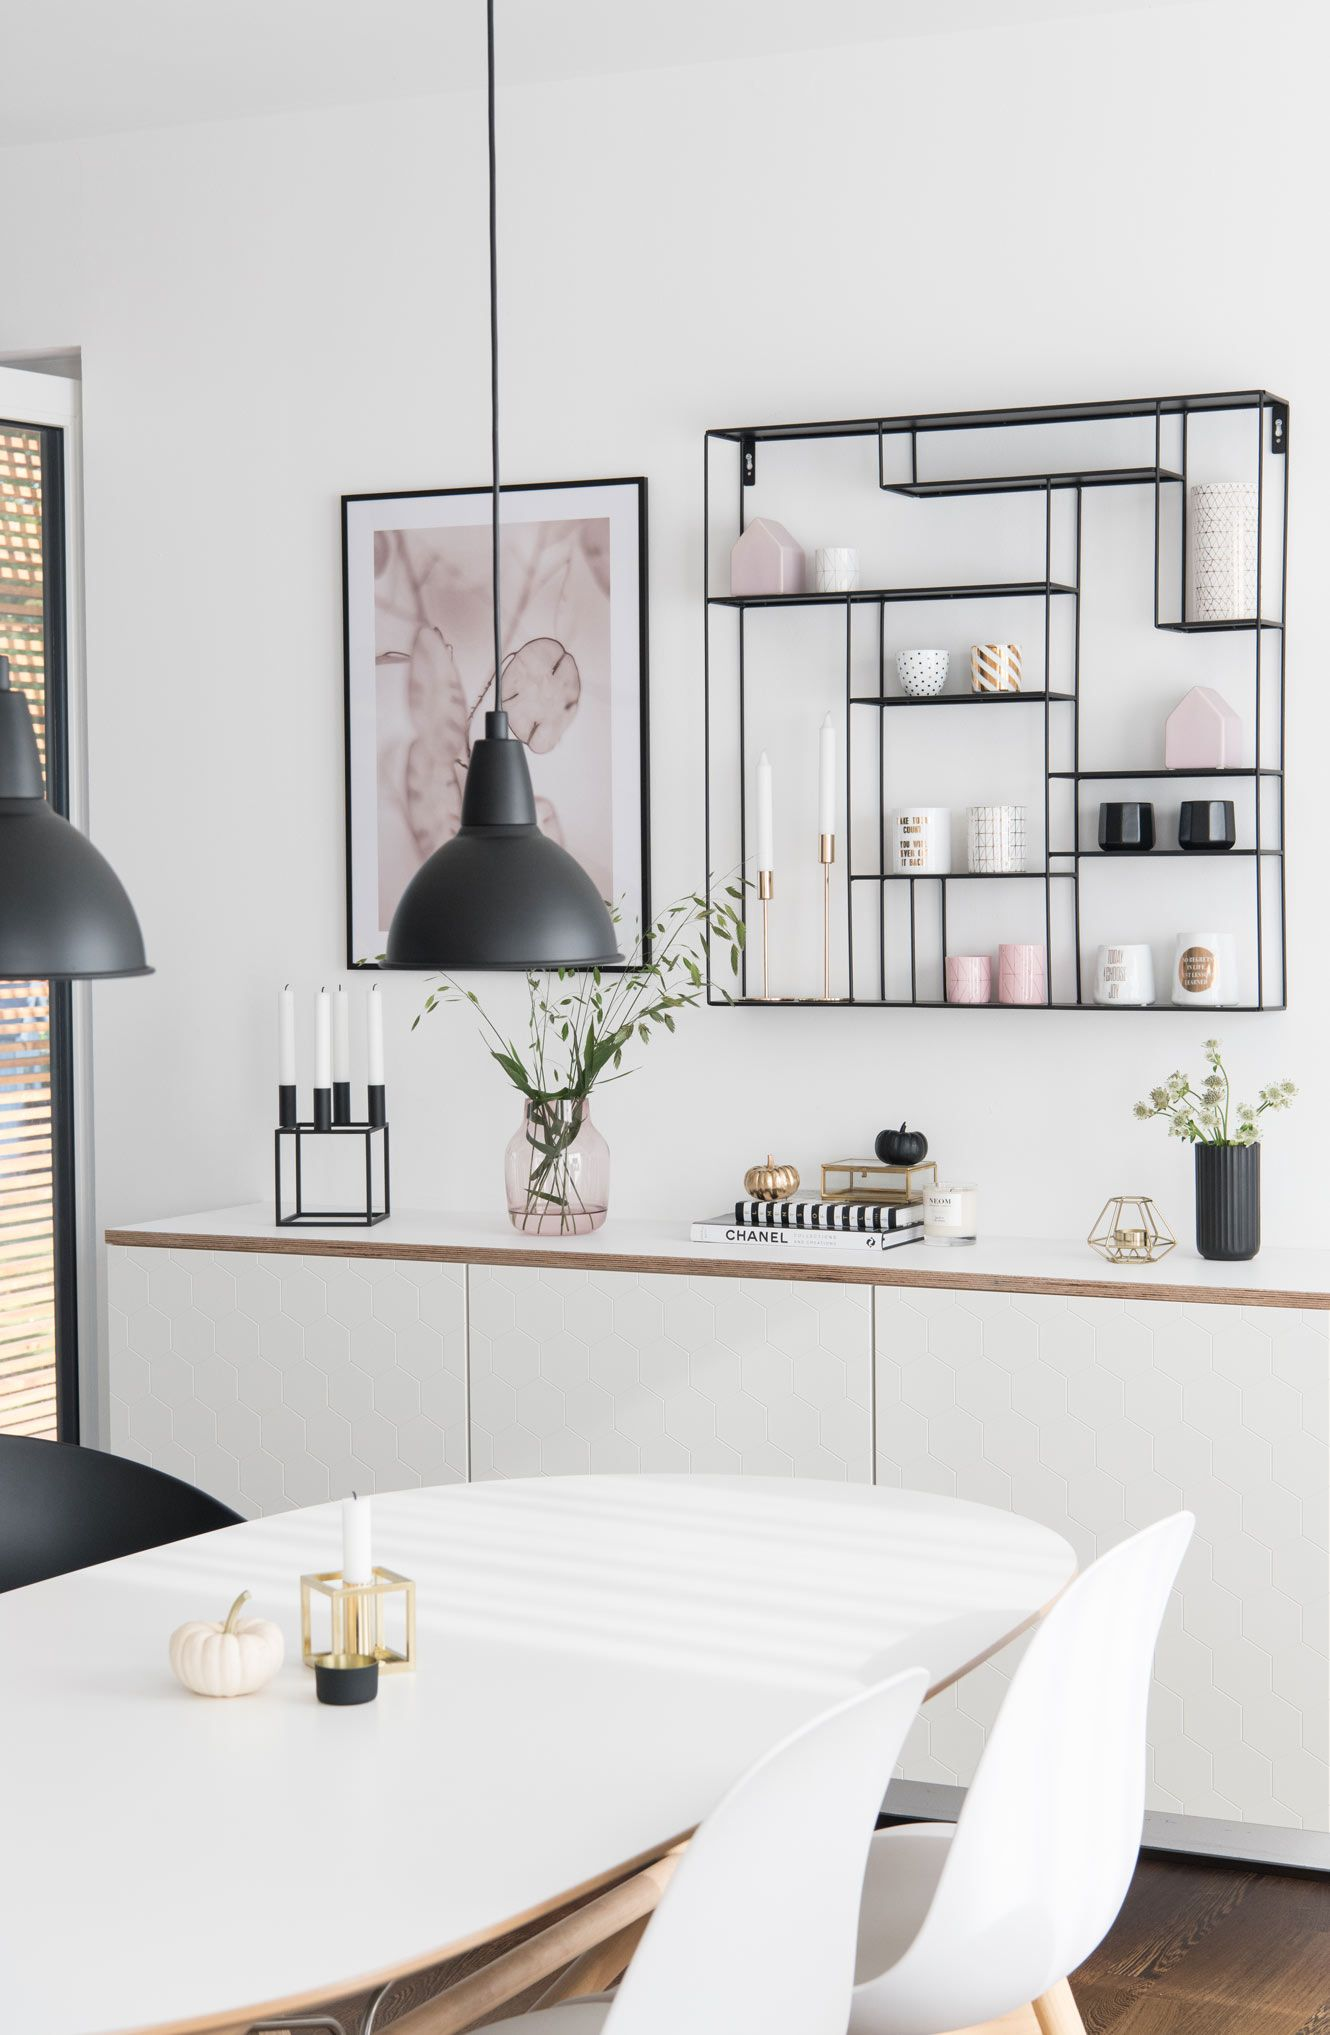 Neue Fronten Eine Neue Platte Für Mein Ikea Bestå Sideboard Sori